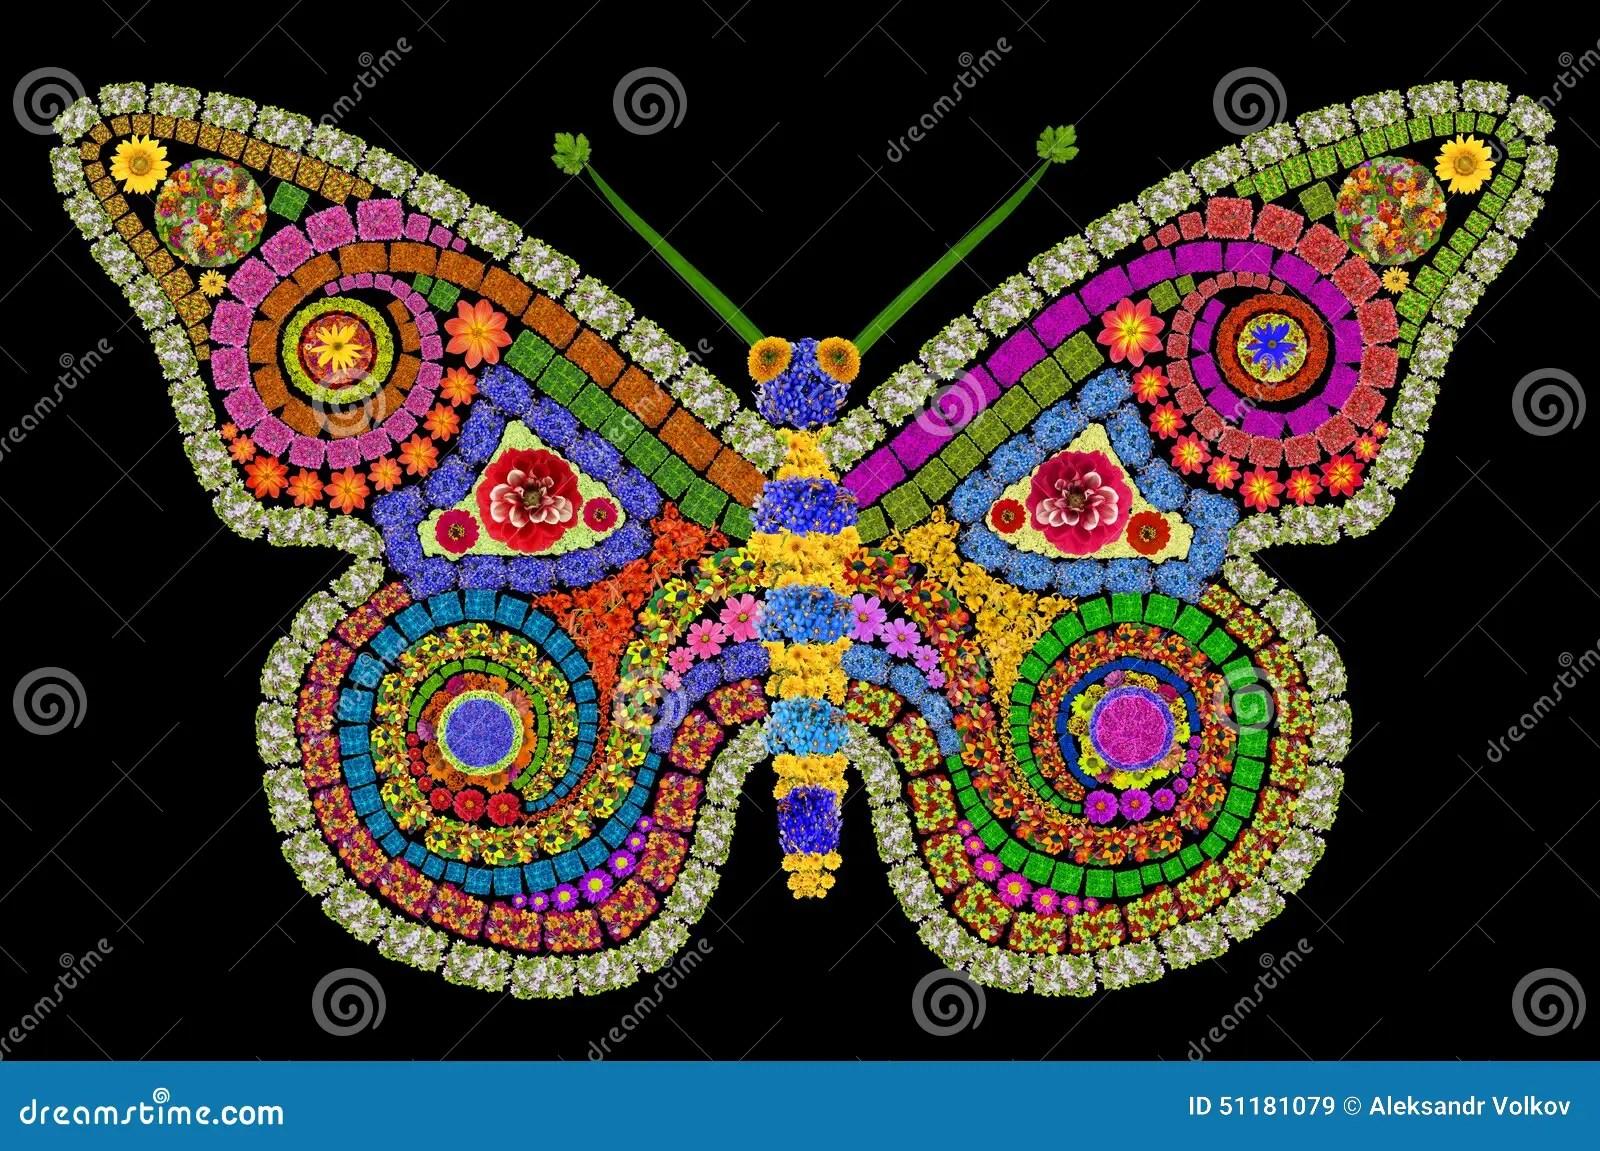 Farfalla Di Notte Fotografia Stock  Immagine 51181079